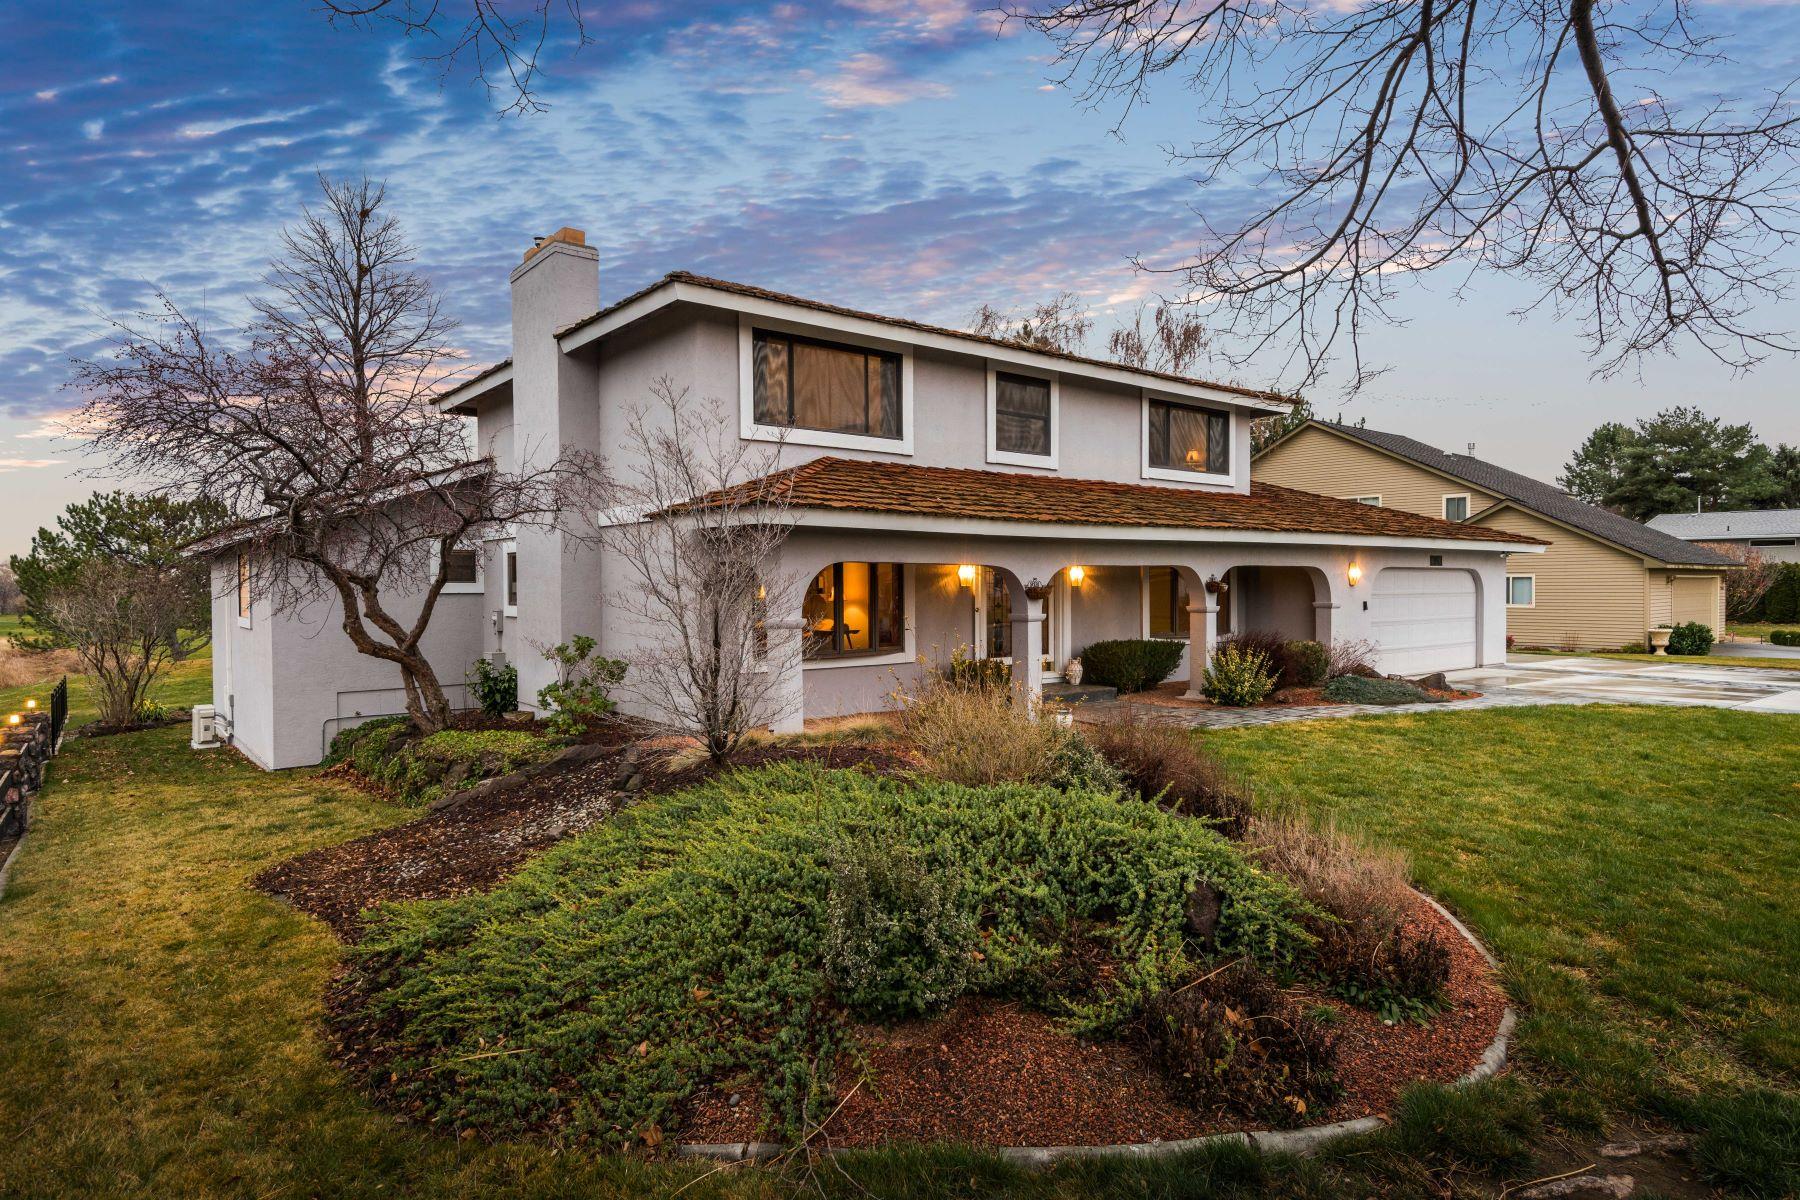 独户住宅 为 销售 在 Situated on the 2nd Green of the Meadow Springs Golf Course 1962 Sheridan Place Richland, 华盛顿州 99352 美国